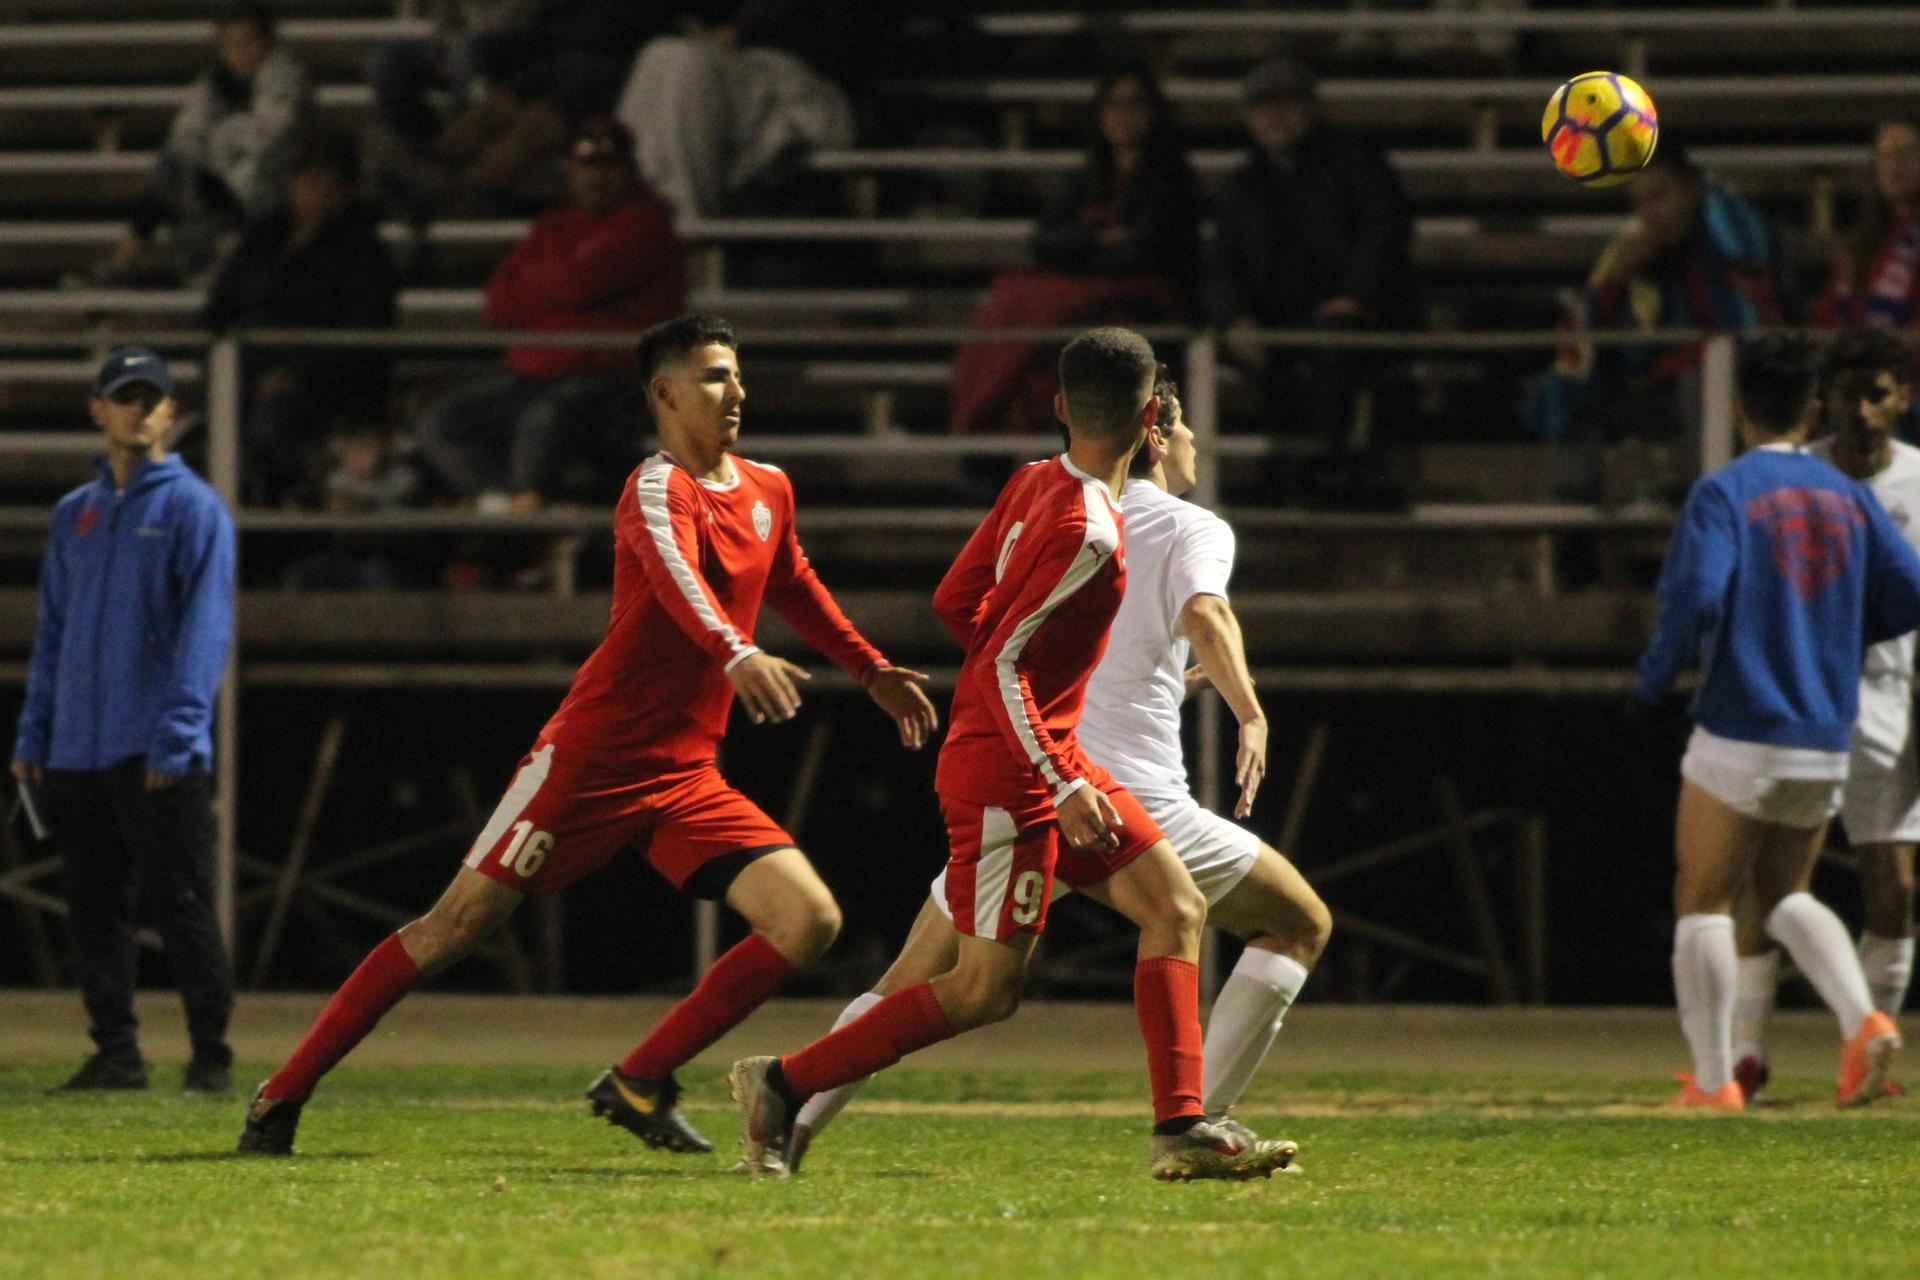 Christian Fernandez going after the ball